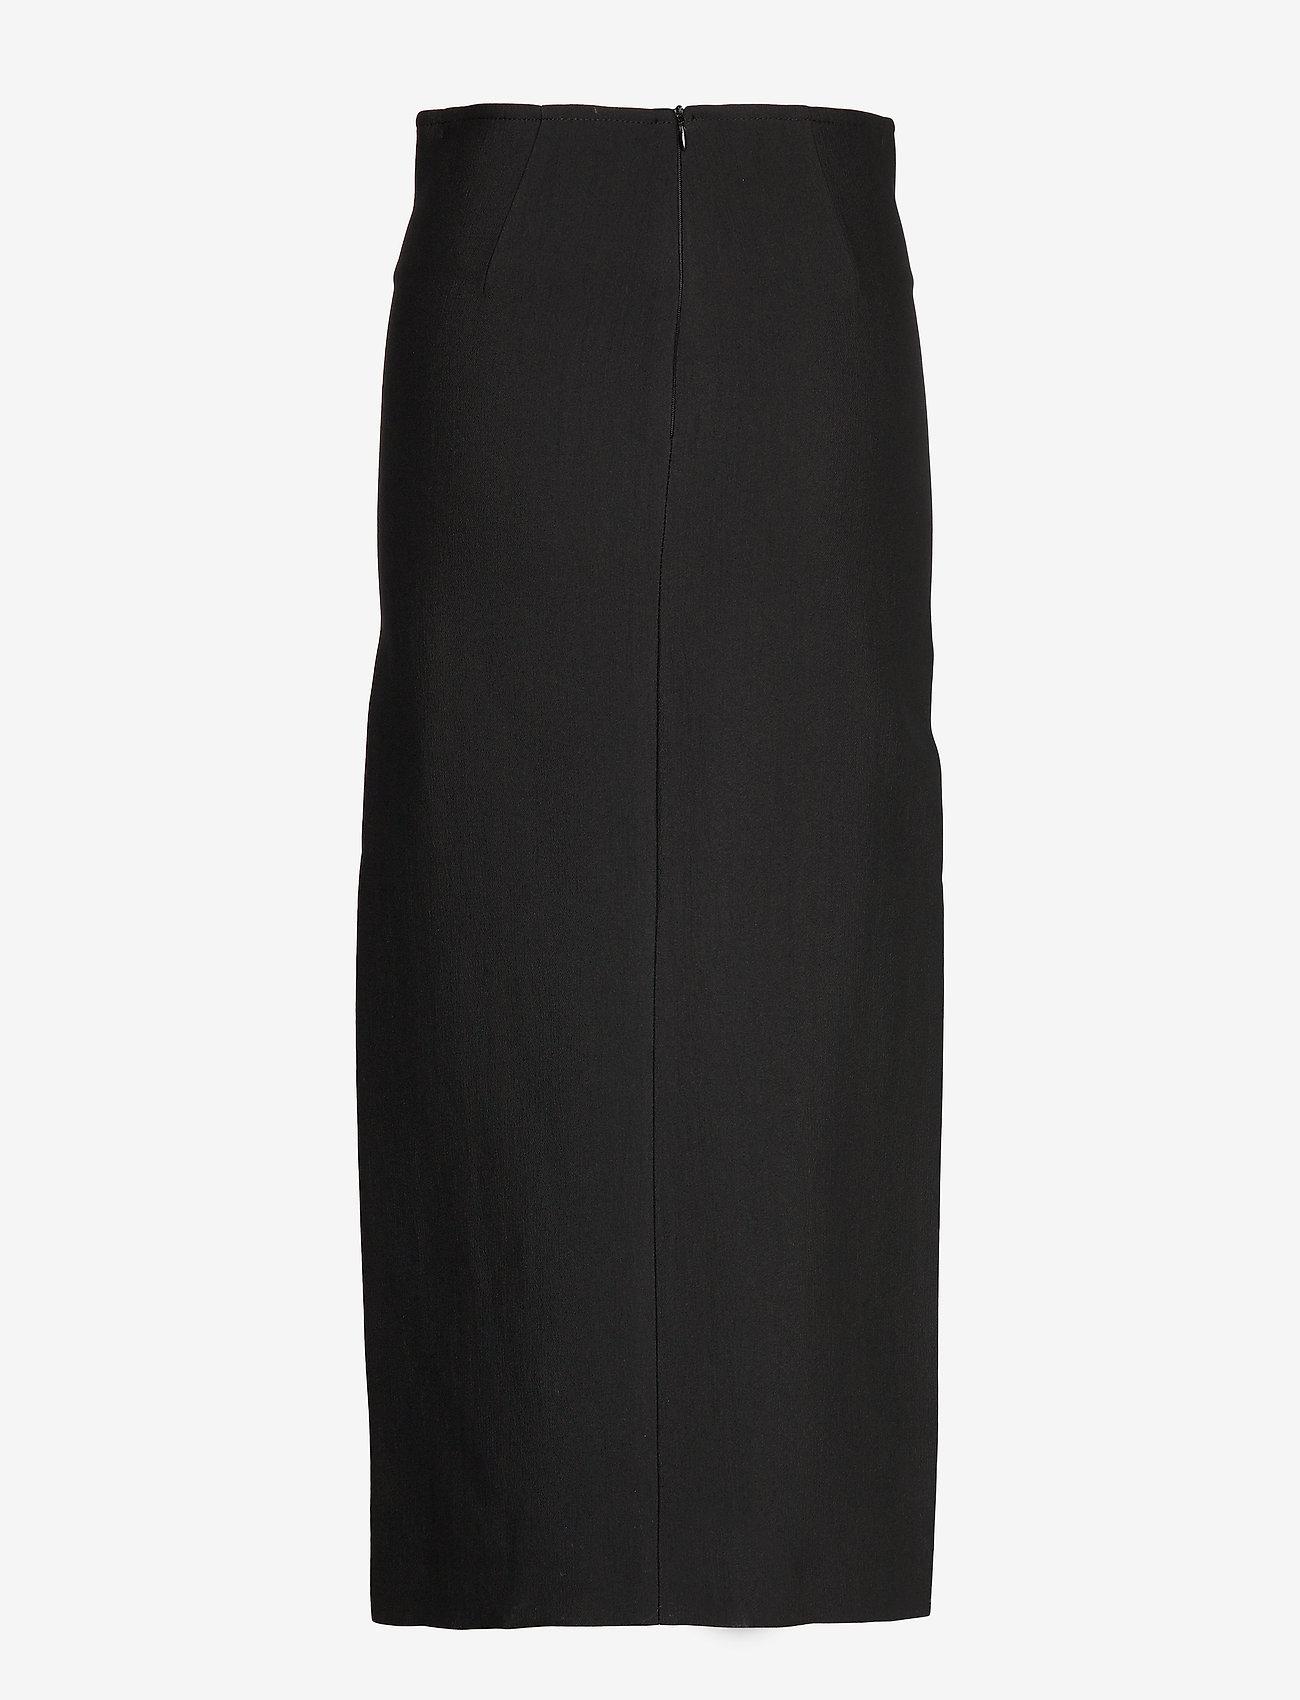 Antisanti (Black 200) - Totême culmeY